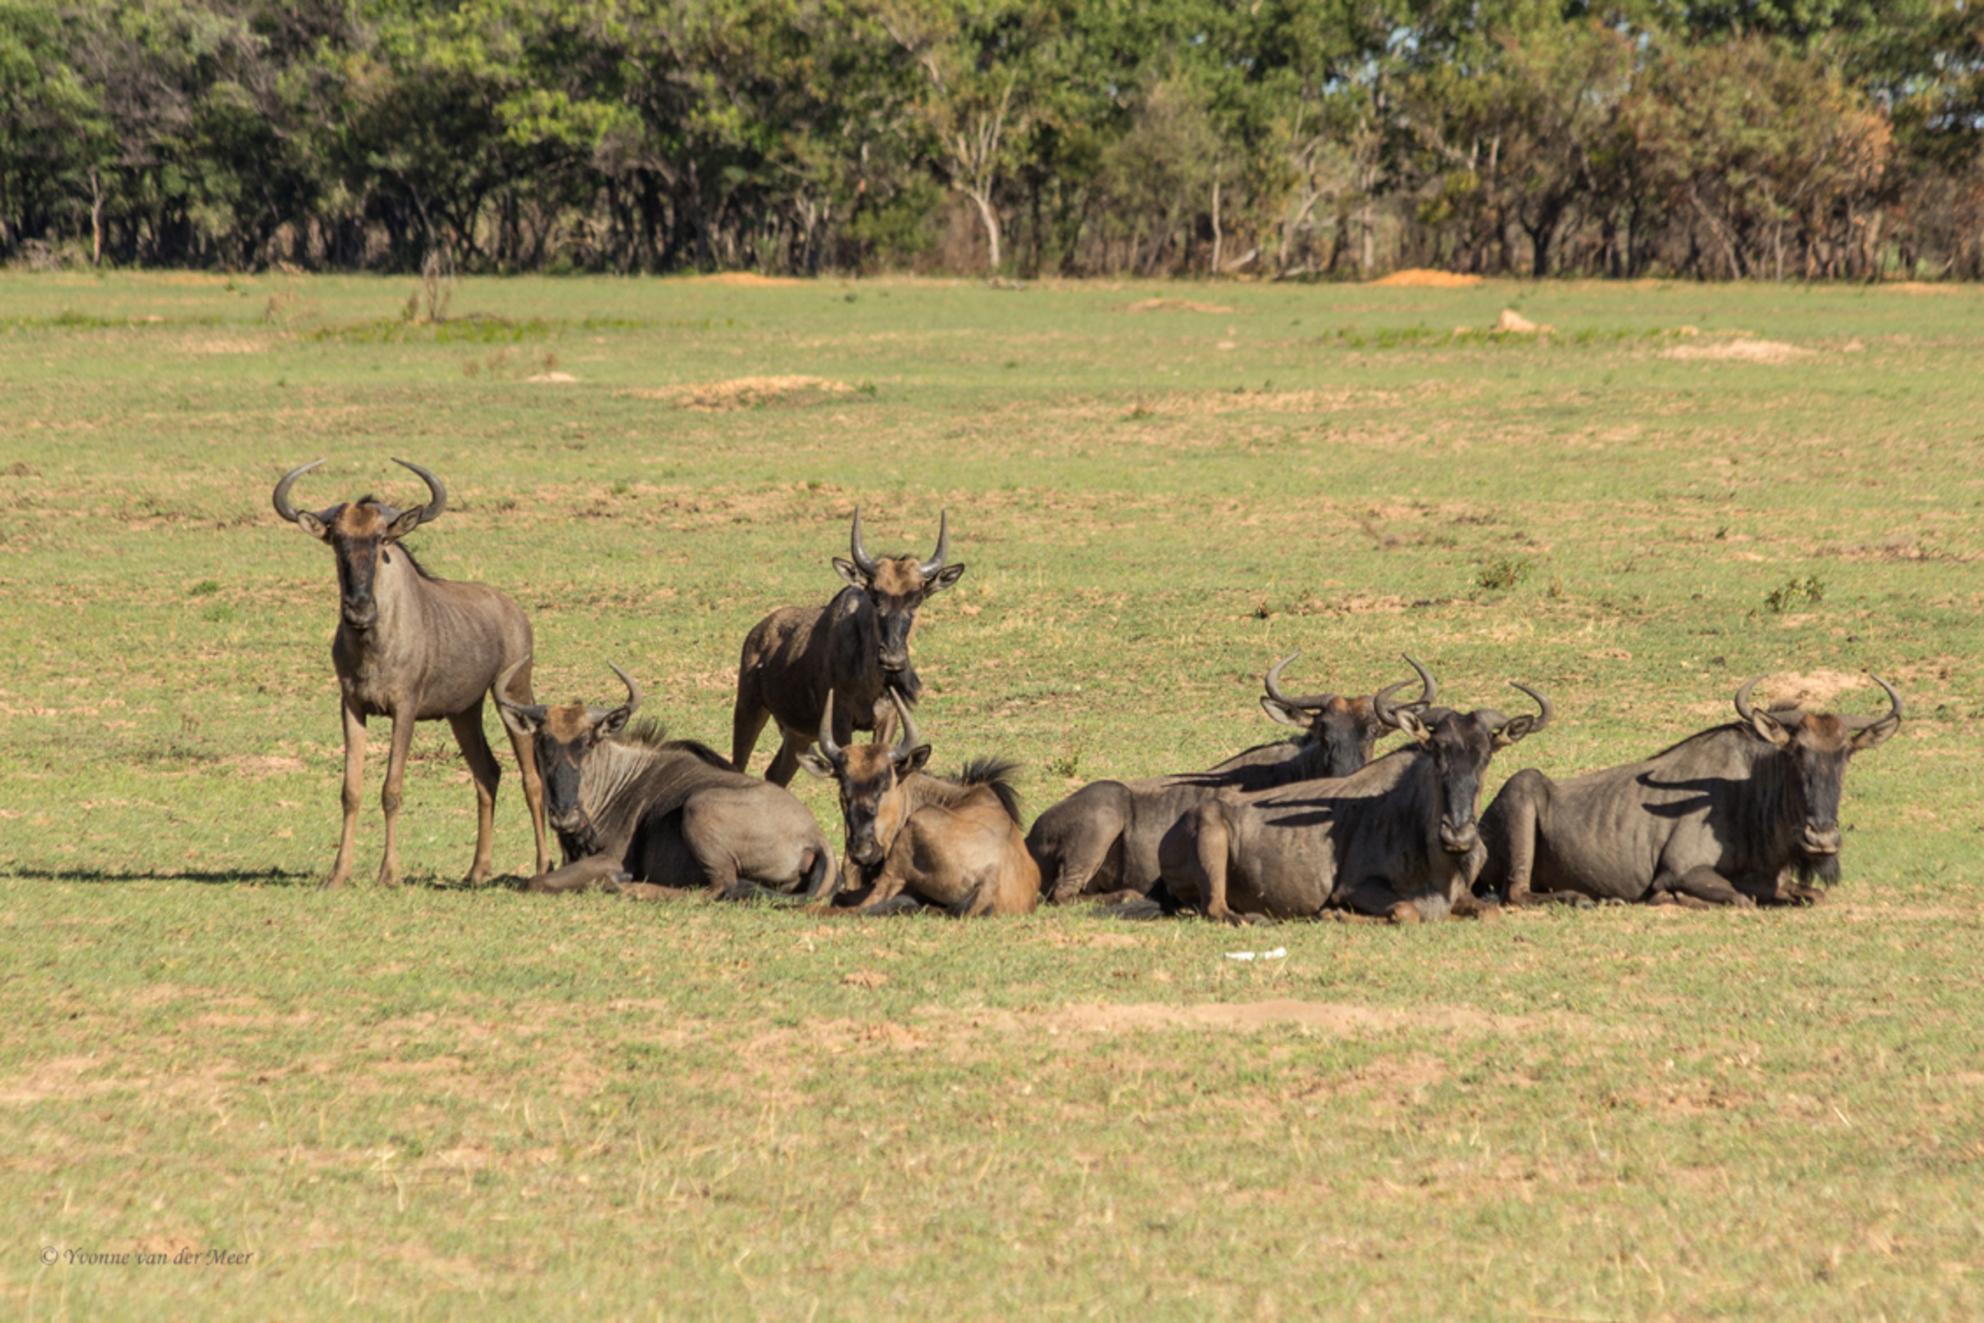 Gnoes... - Hier dan de eerste beesten van mijn fotoavontuur in Zuid-Afrika. Hier een groepje Gnoes of Blouwildebeest op z'n Zuid-Afrikaans. Dit is in het Enta - foto door yvonnevandermeer op 13-02-2016 - deze foto bevat: natuur, dieren, safari, gnoe, afrika